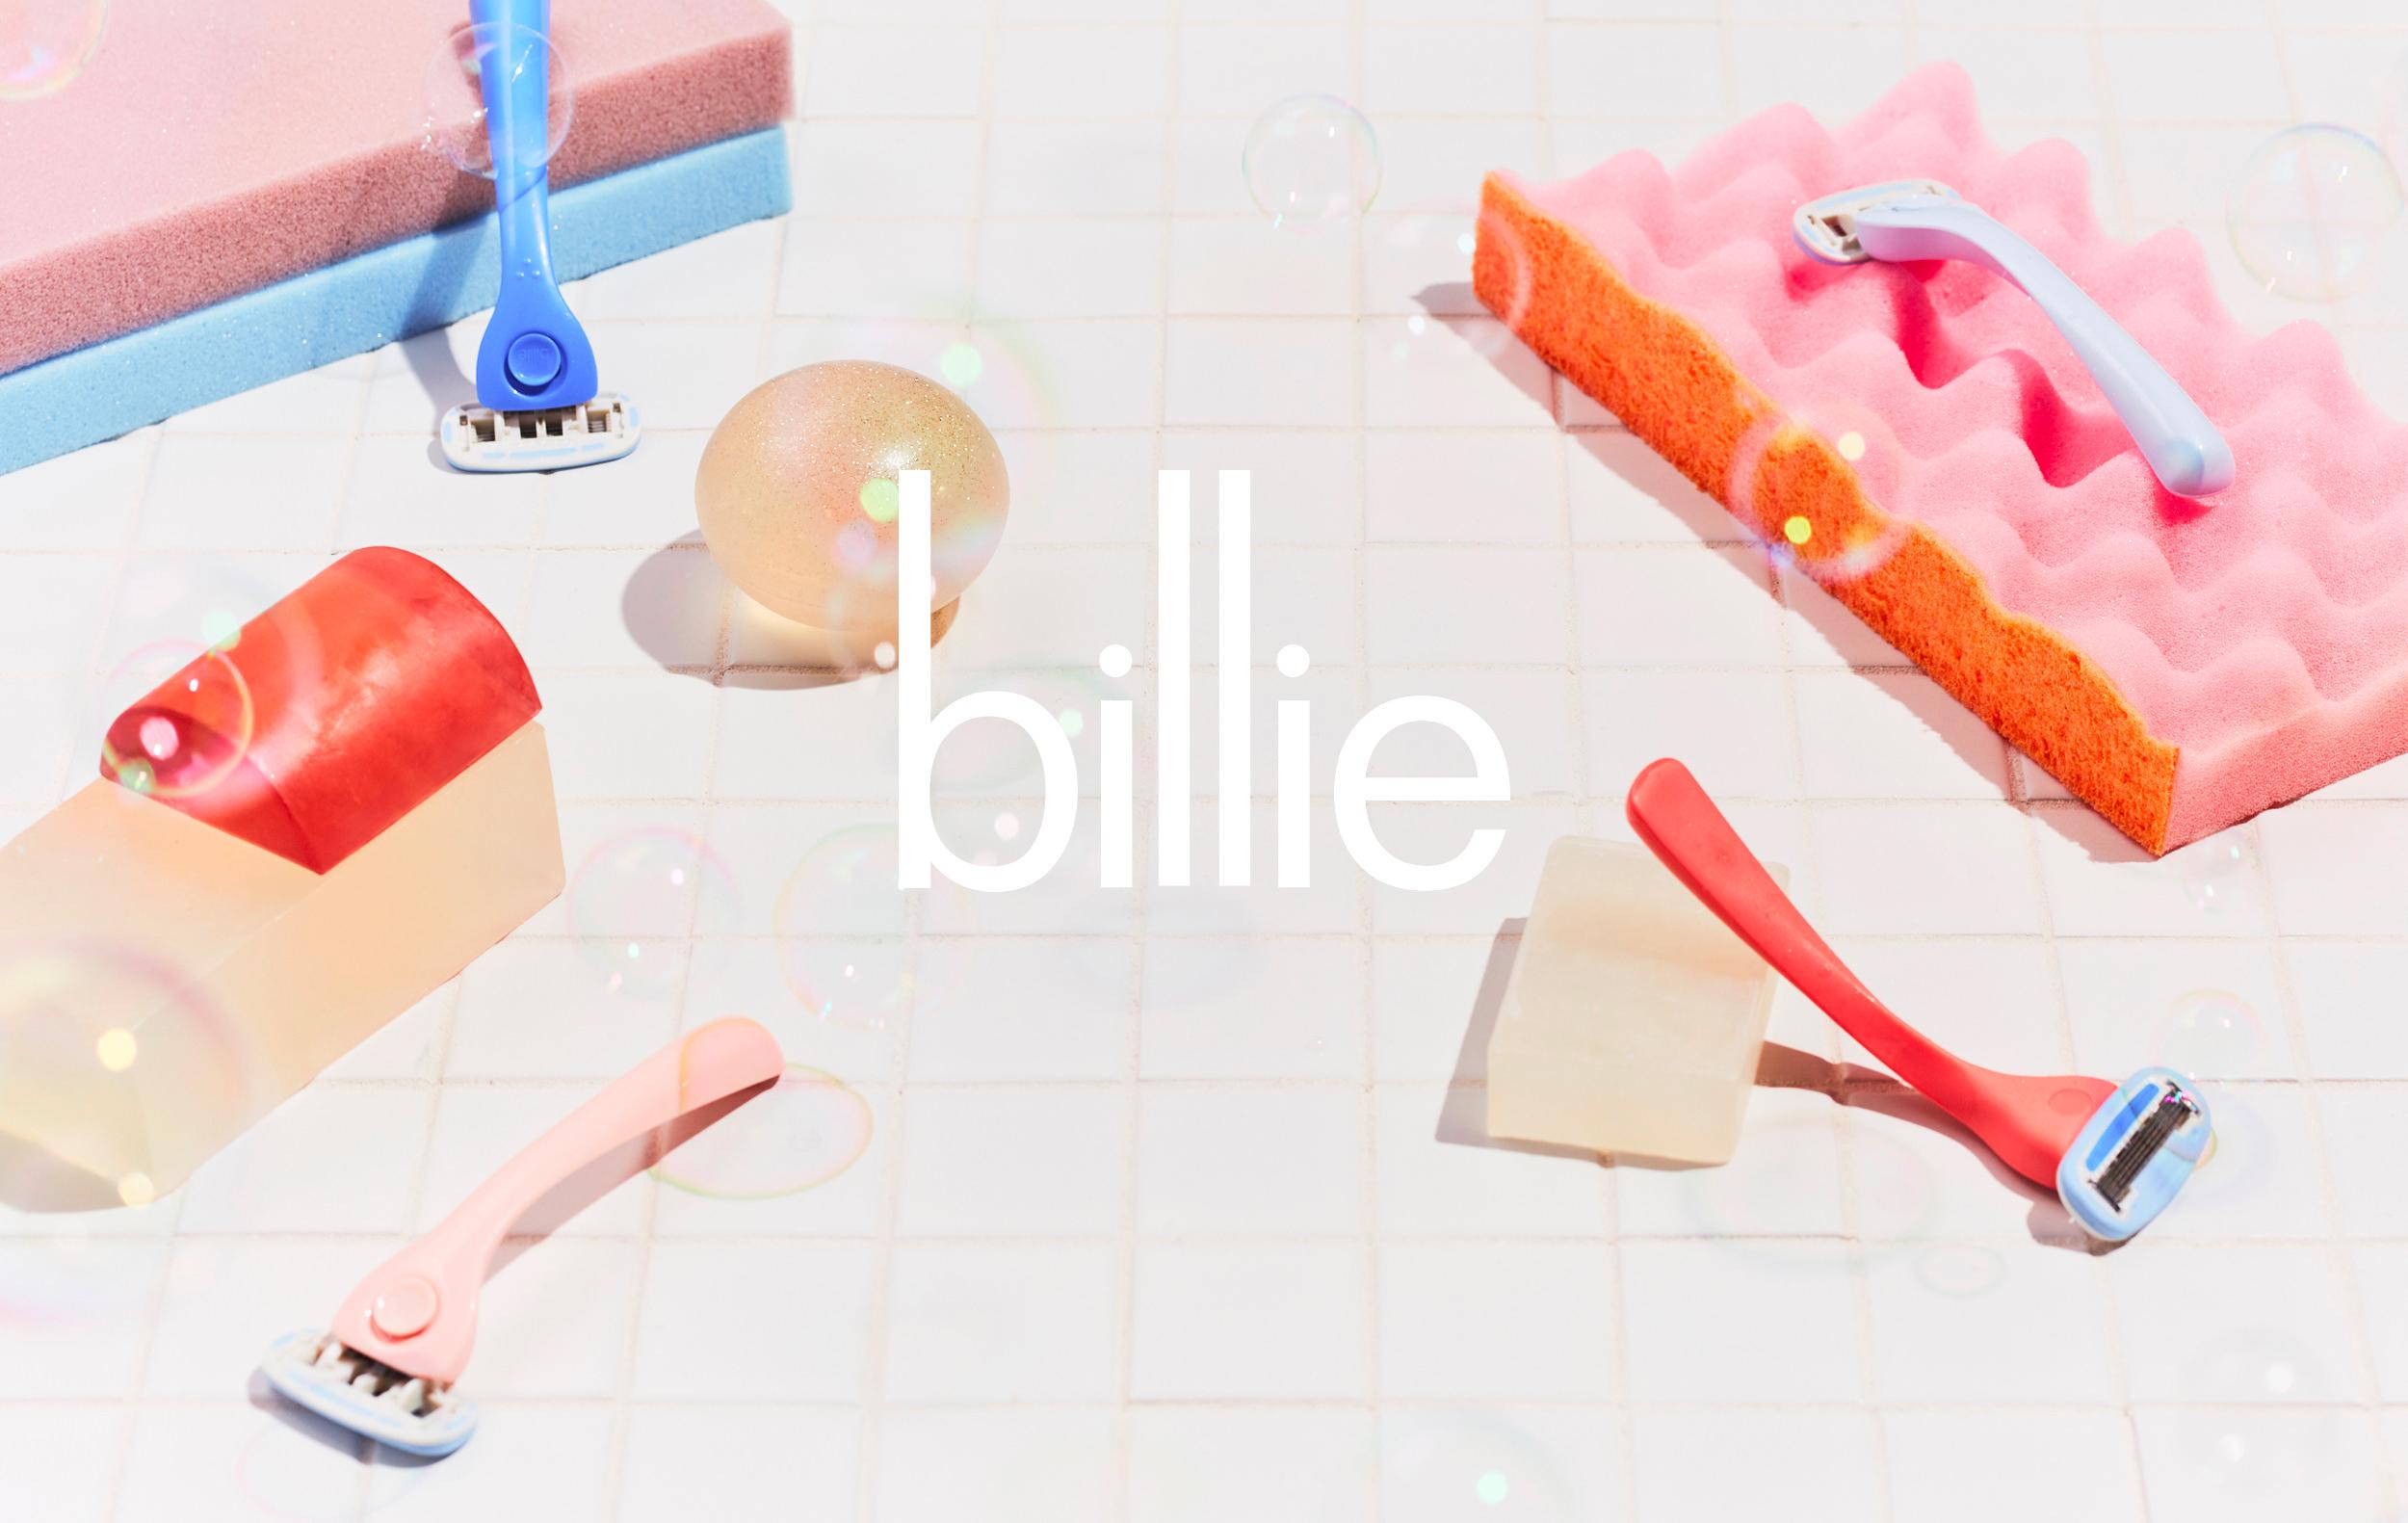 BILLIE_9_25521255